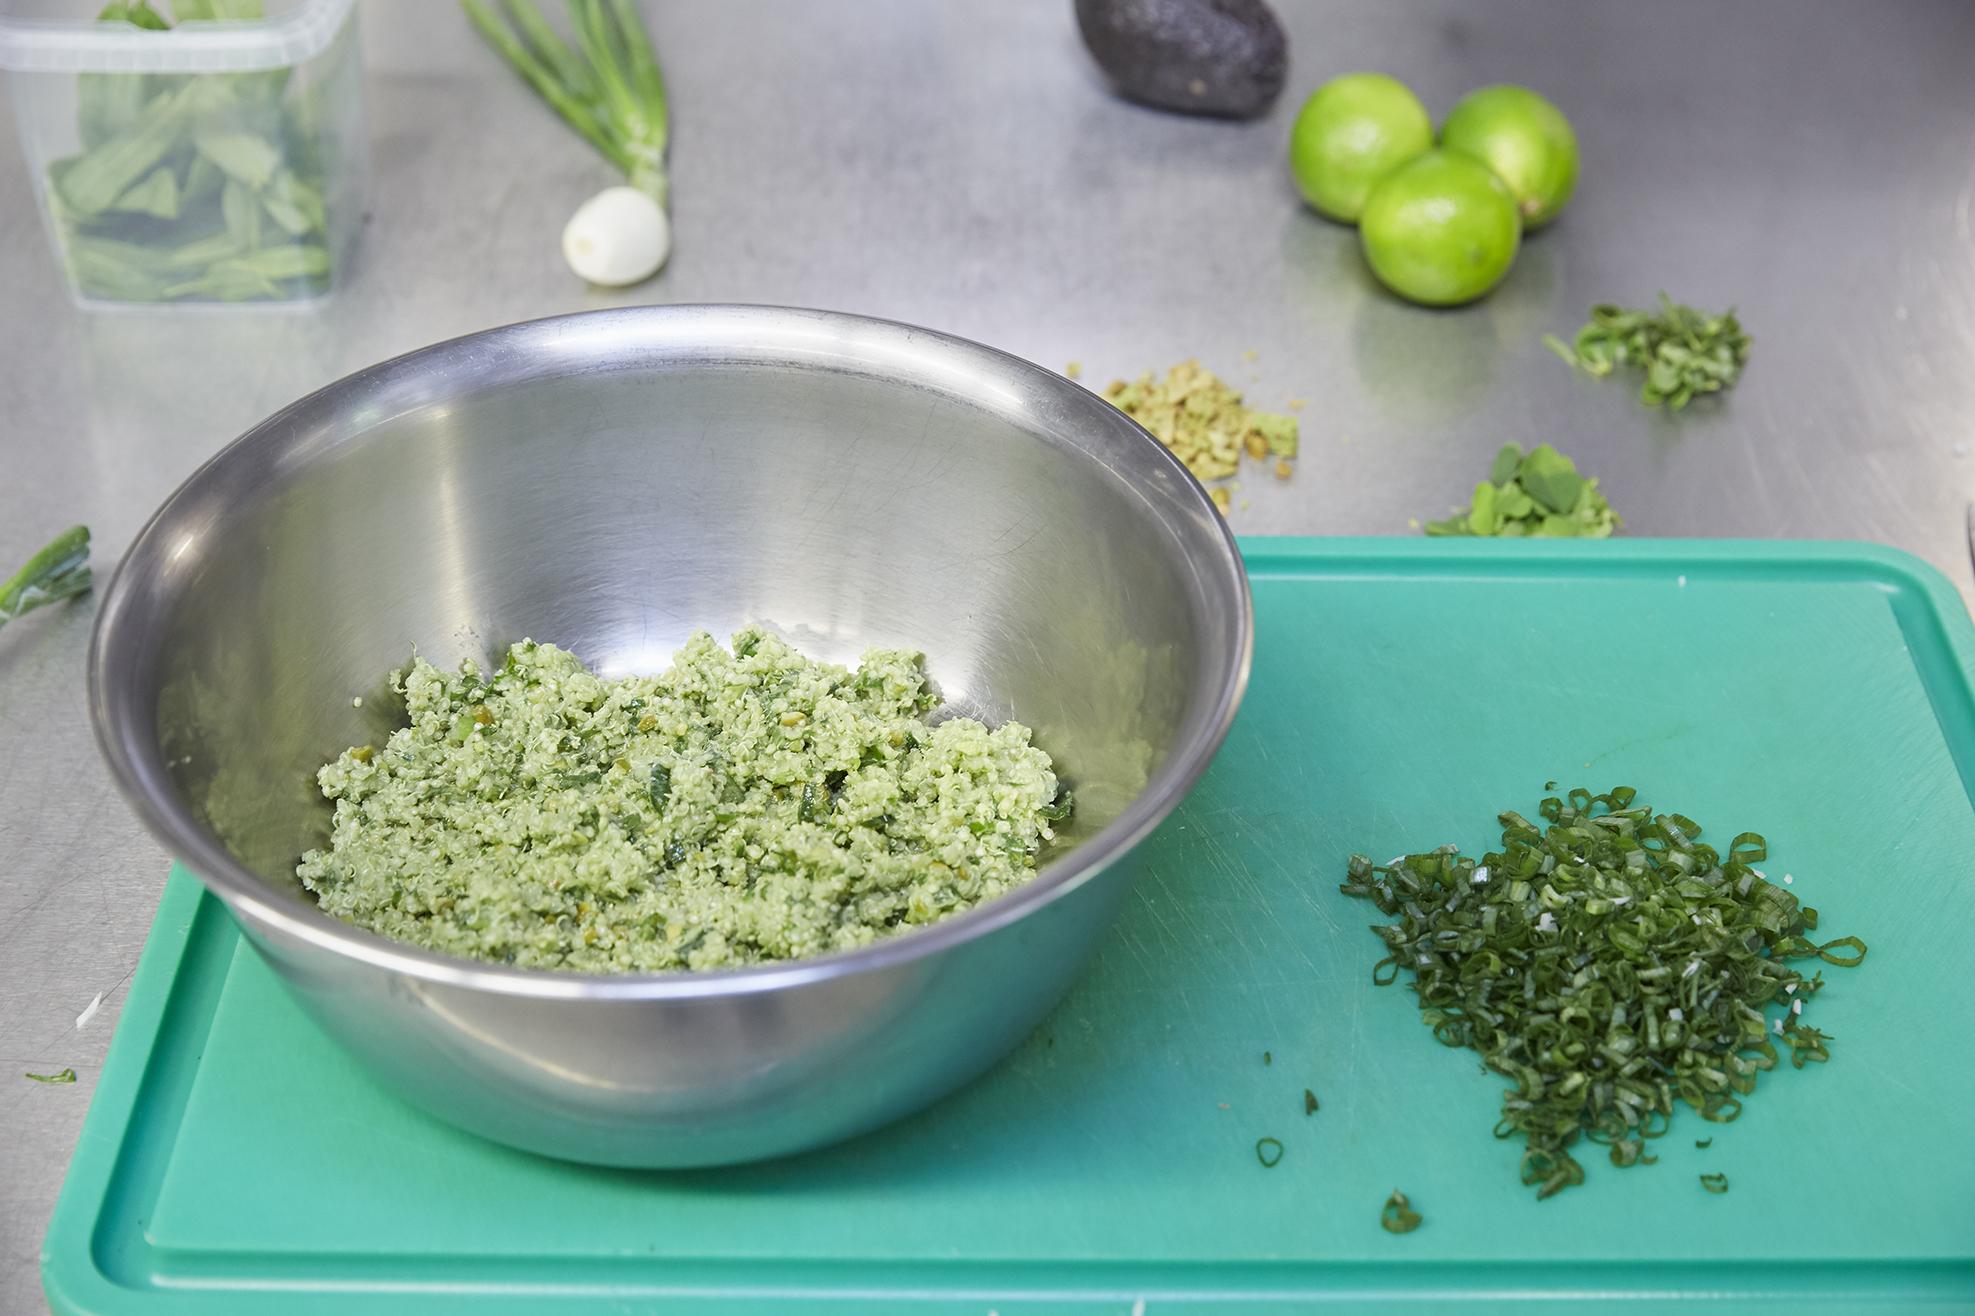 Nachdem der Quinoa-Salat abgekühlt ist, wird er mit gehackten Kräuter vermischt.